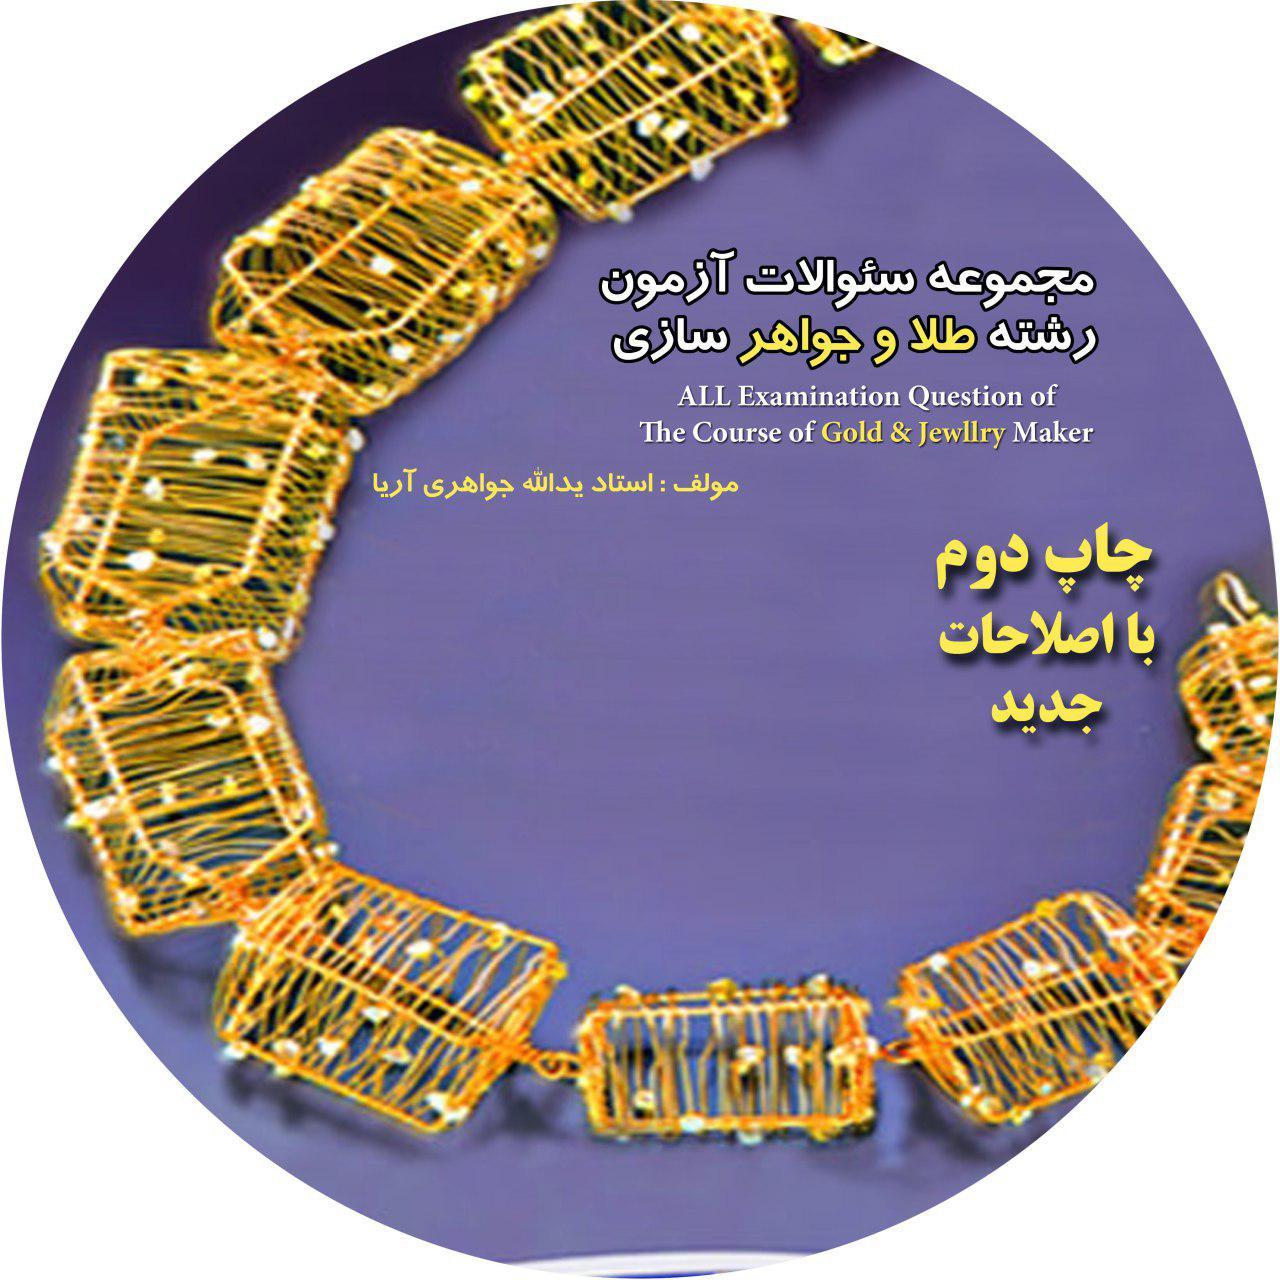 سی دی مجموعه سوالات رشته طلا و جواهر سازی